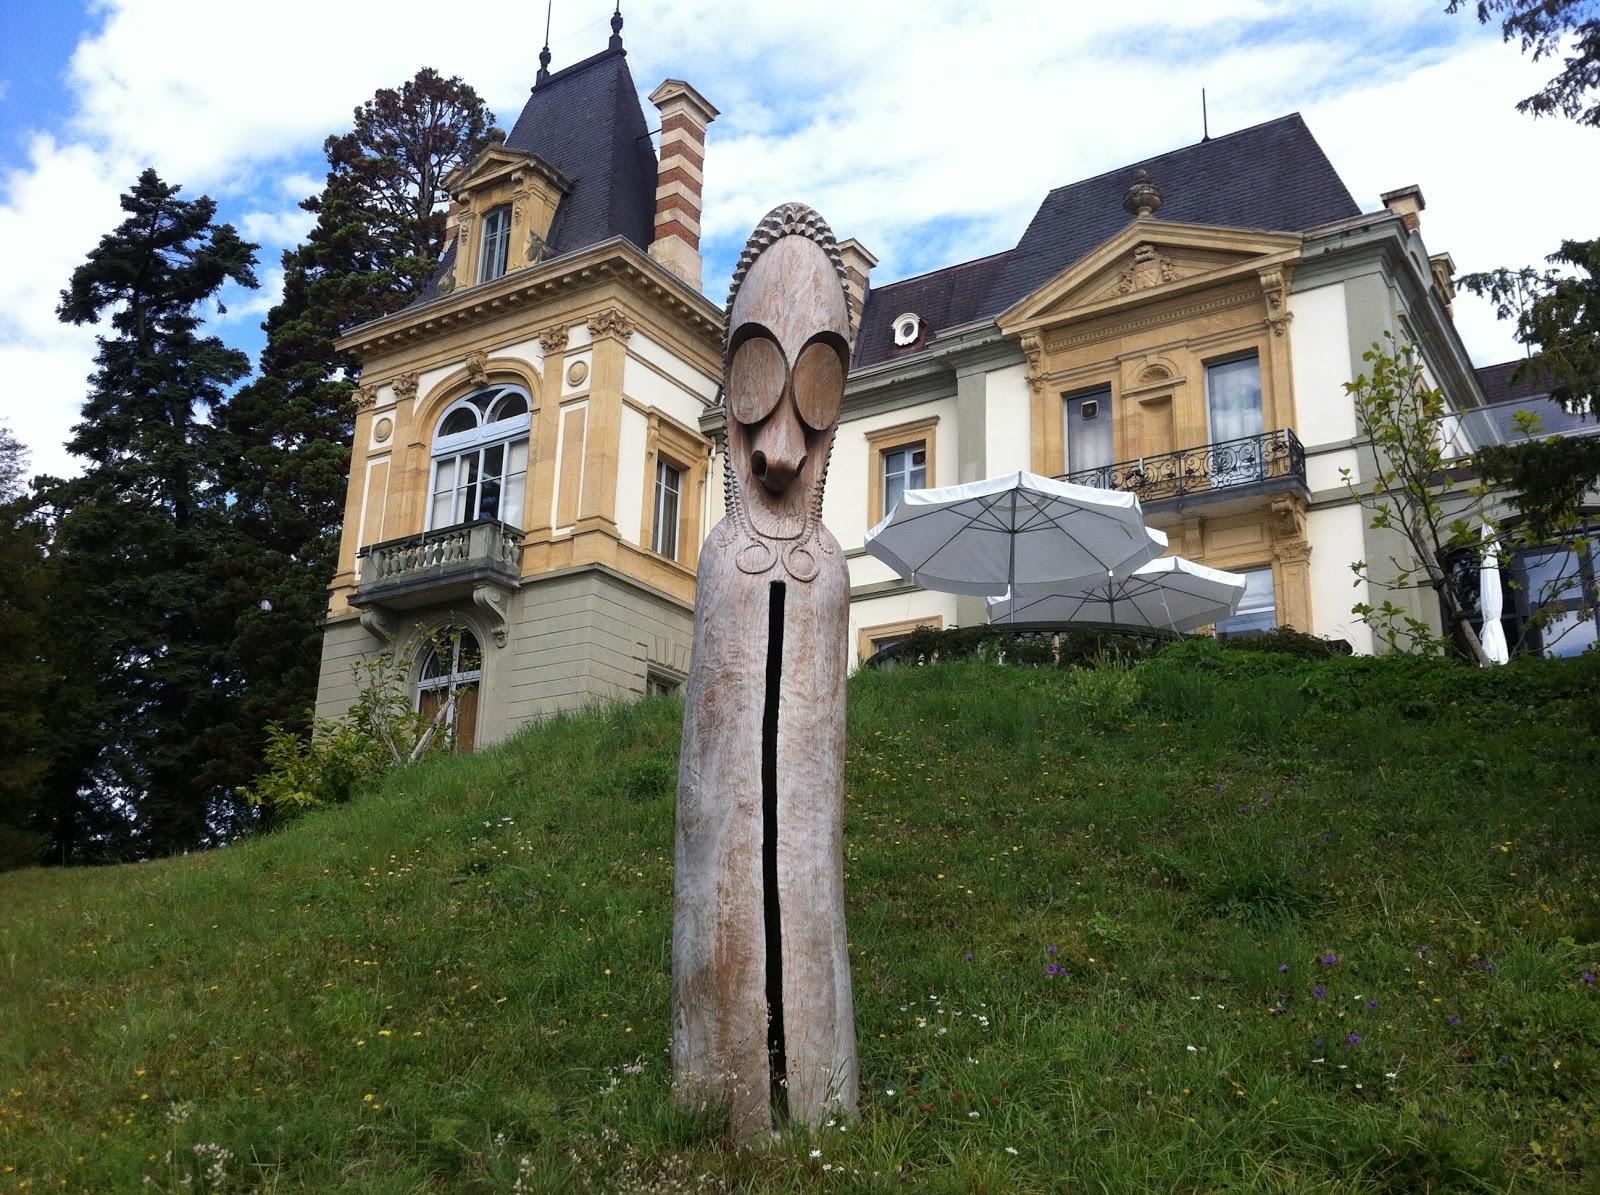 http://4.bp.blogspot.com/-nNsjaIG3vzE/UJJYDuy6XuI/AAAAAAAAAH8/Erx70WSOeJc/s1600/MEN+-+Villa.jpg